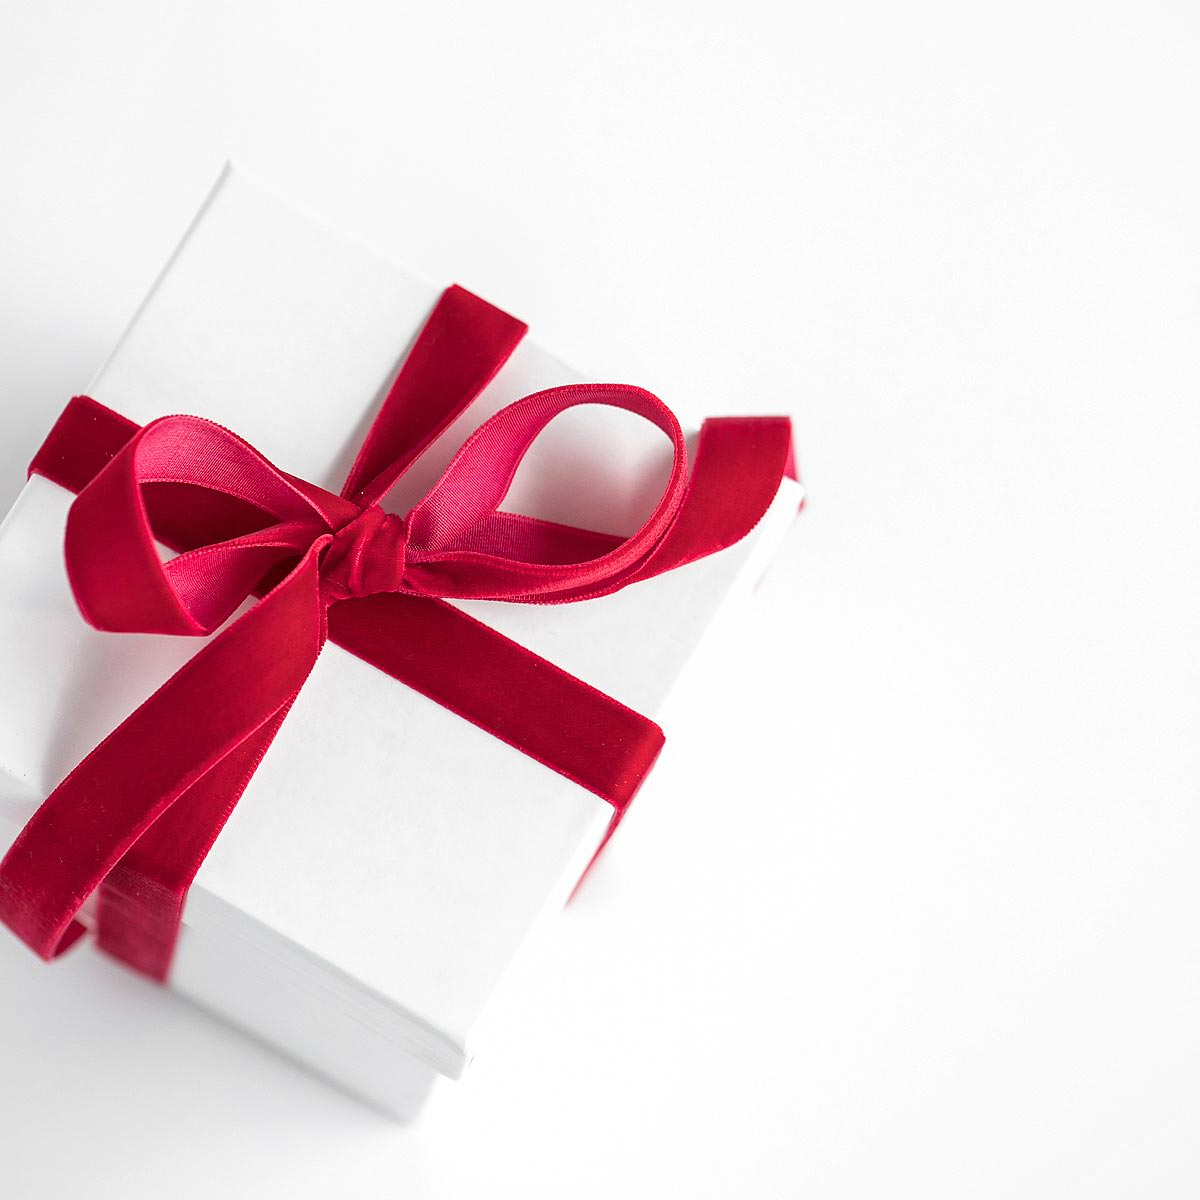 Die besten Adventskalender für Erwachsene gibt's jetzt gesammelt am Blog. Für Frauen, für Männer, für Paare.